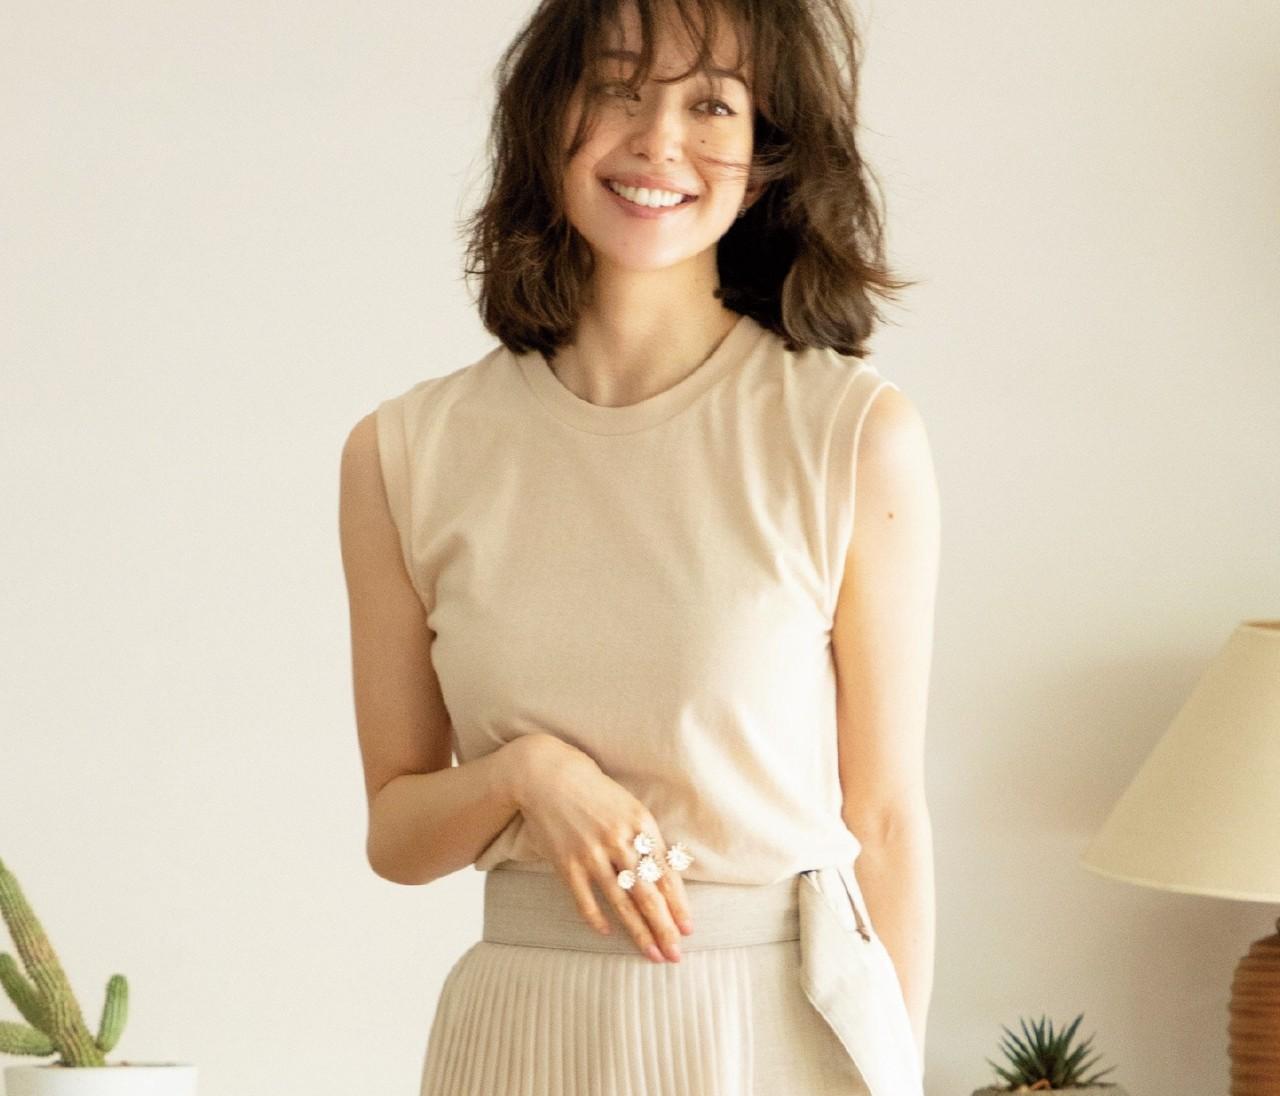 松島 花の私服がおしゃれすぎ♡ 大人のトレンド全網羅 【松島 花の私服2020夏】